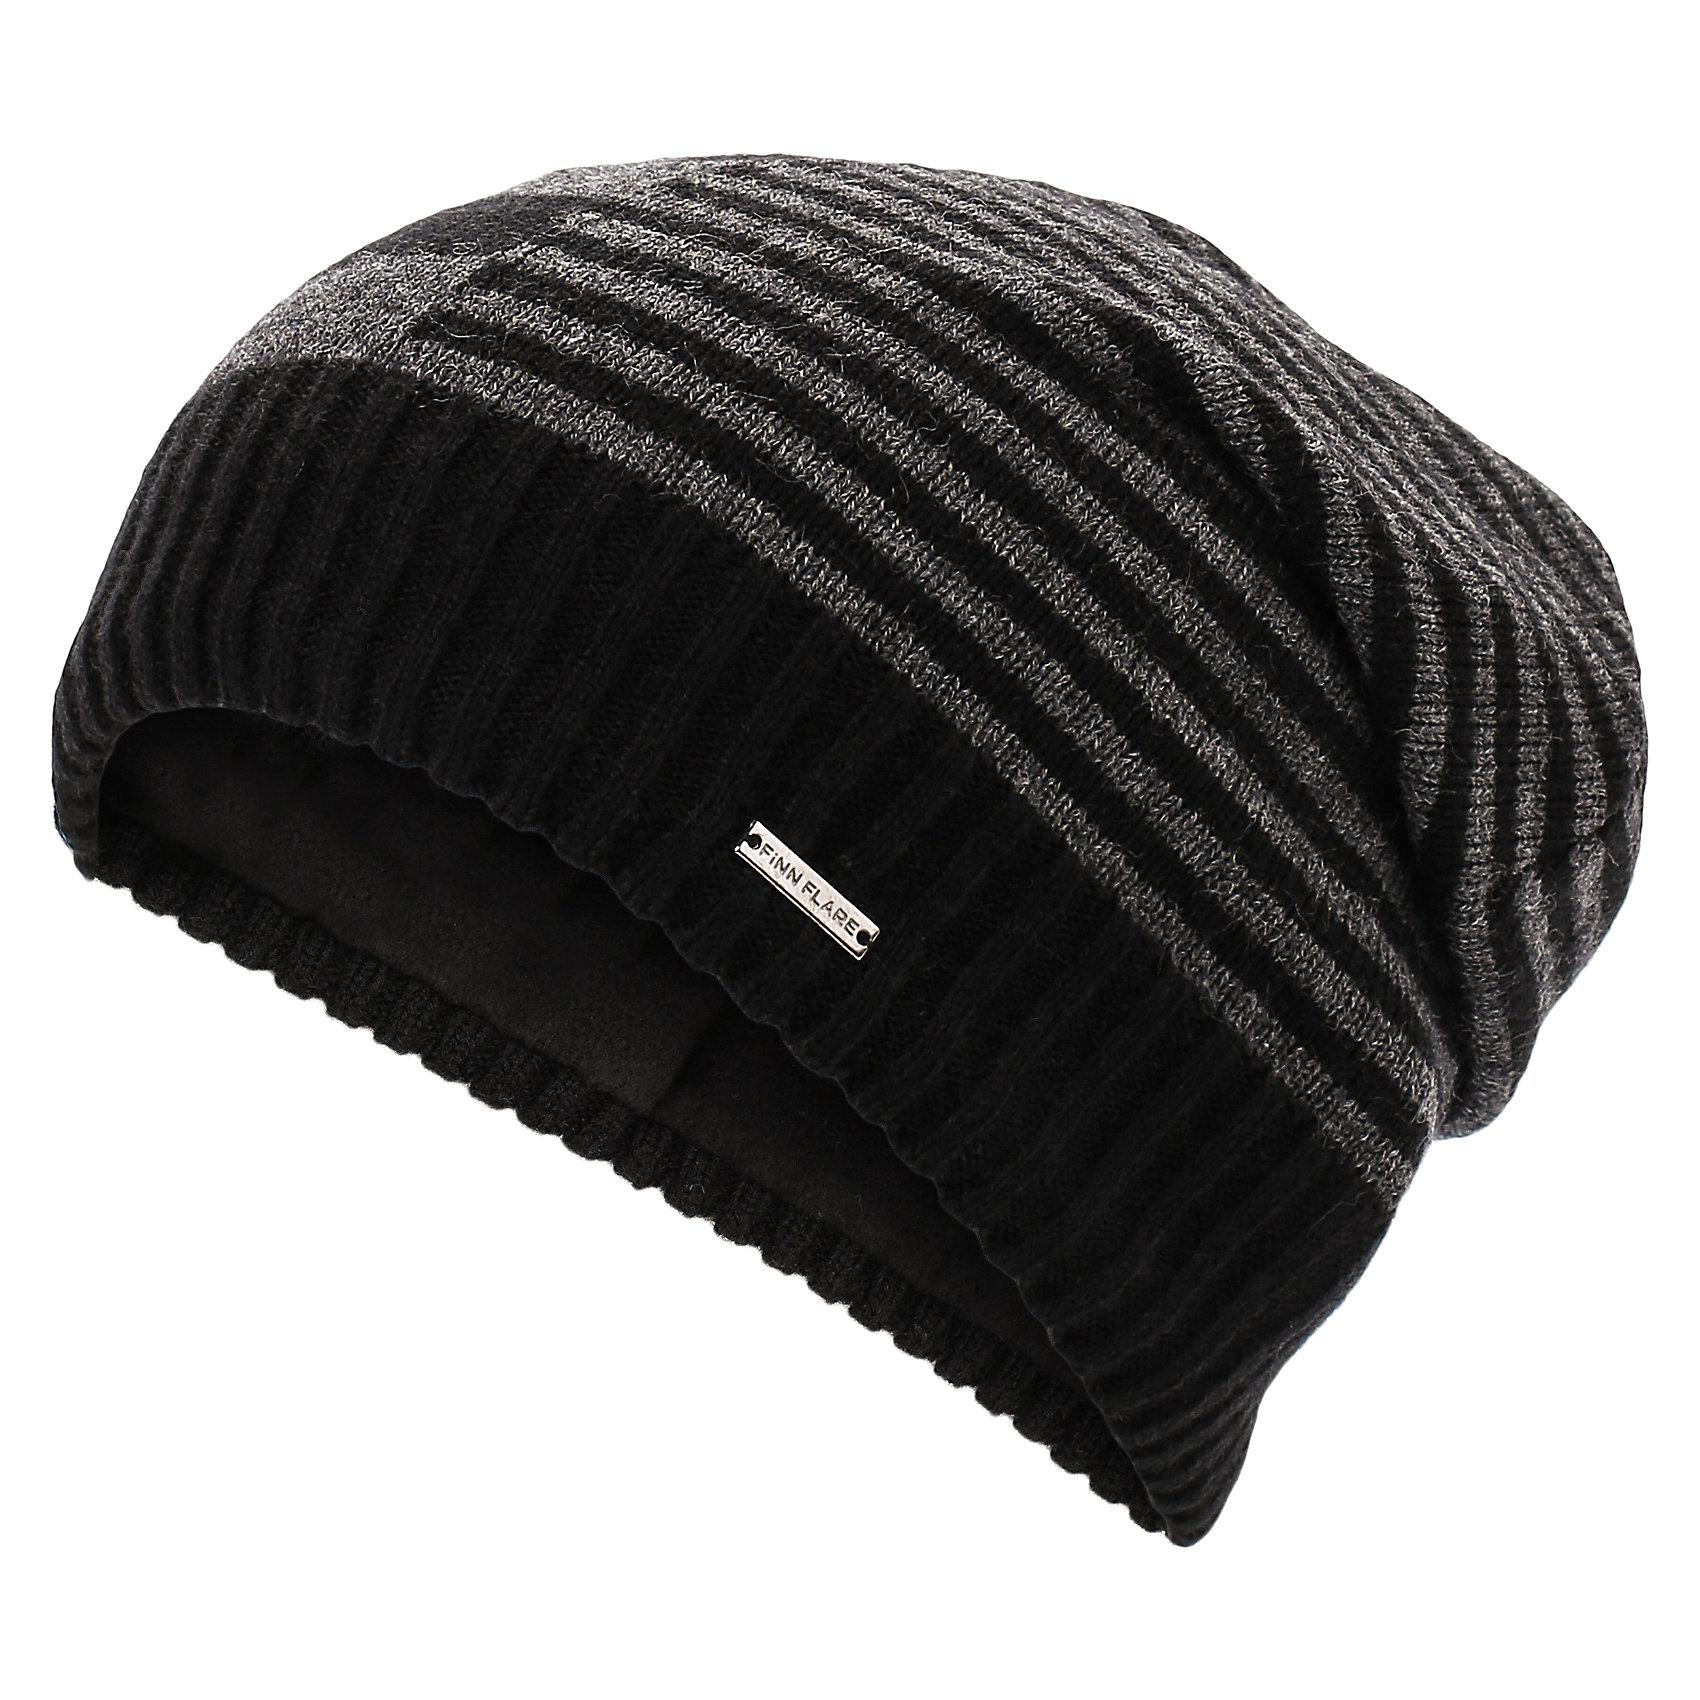 Шапка для мальчика Finn FlareГоловные уборы<br>Шапка известной марки Finn Flare.<br><br>Утепленная шапка на подкладке надежно защищает ребенка в осенне-весенний период, когда на улице холодно и дует ветер. Полосатый принт шапки, широкая окантовка и спущенный мысок на макушке выгодно выделяют шапку среди других моделей. <br><br>Состав: 50% акрил, 50% шерсть<br>Подкладка: 100% полиэстер<br><br>Шапку для мальчика Finn Flare можно купить в нашем интернет-магазине.<br><br>Ширина мм: 89<br>Глубина мм: 117<br>Высота мм: 44<br>Вес г: 155<br>Цвет: черный<br>Возраст от месяцев: 60<br>Возраст до месяцев: 72<br>Пол: Мужской<br>Возраст: Детский<br>Размер: 54<br>SKU: 4890398